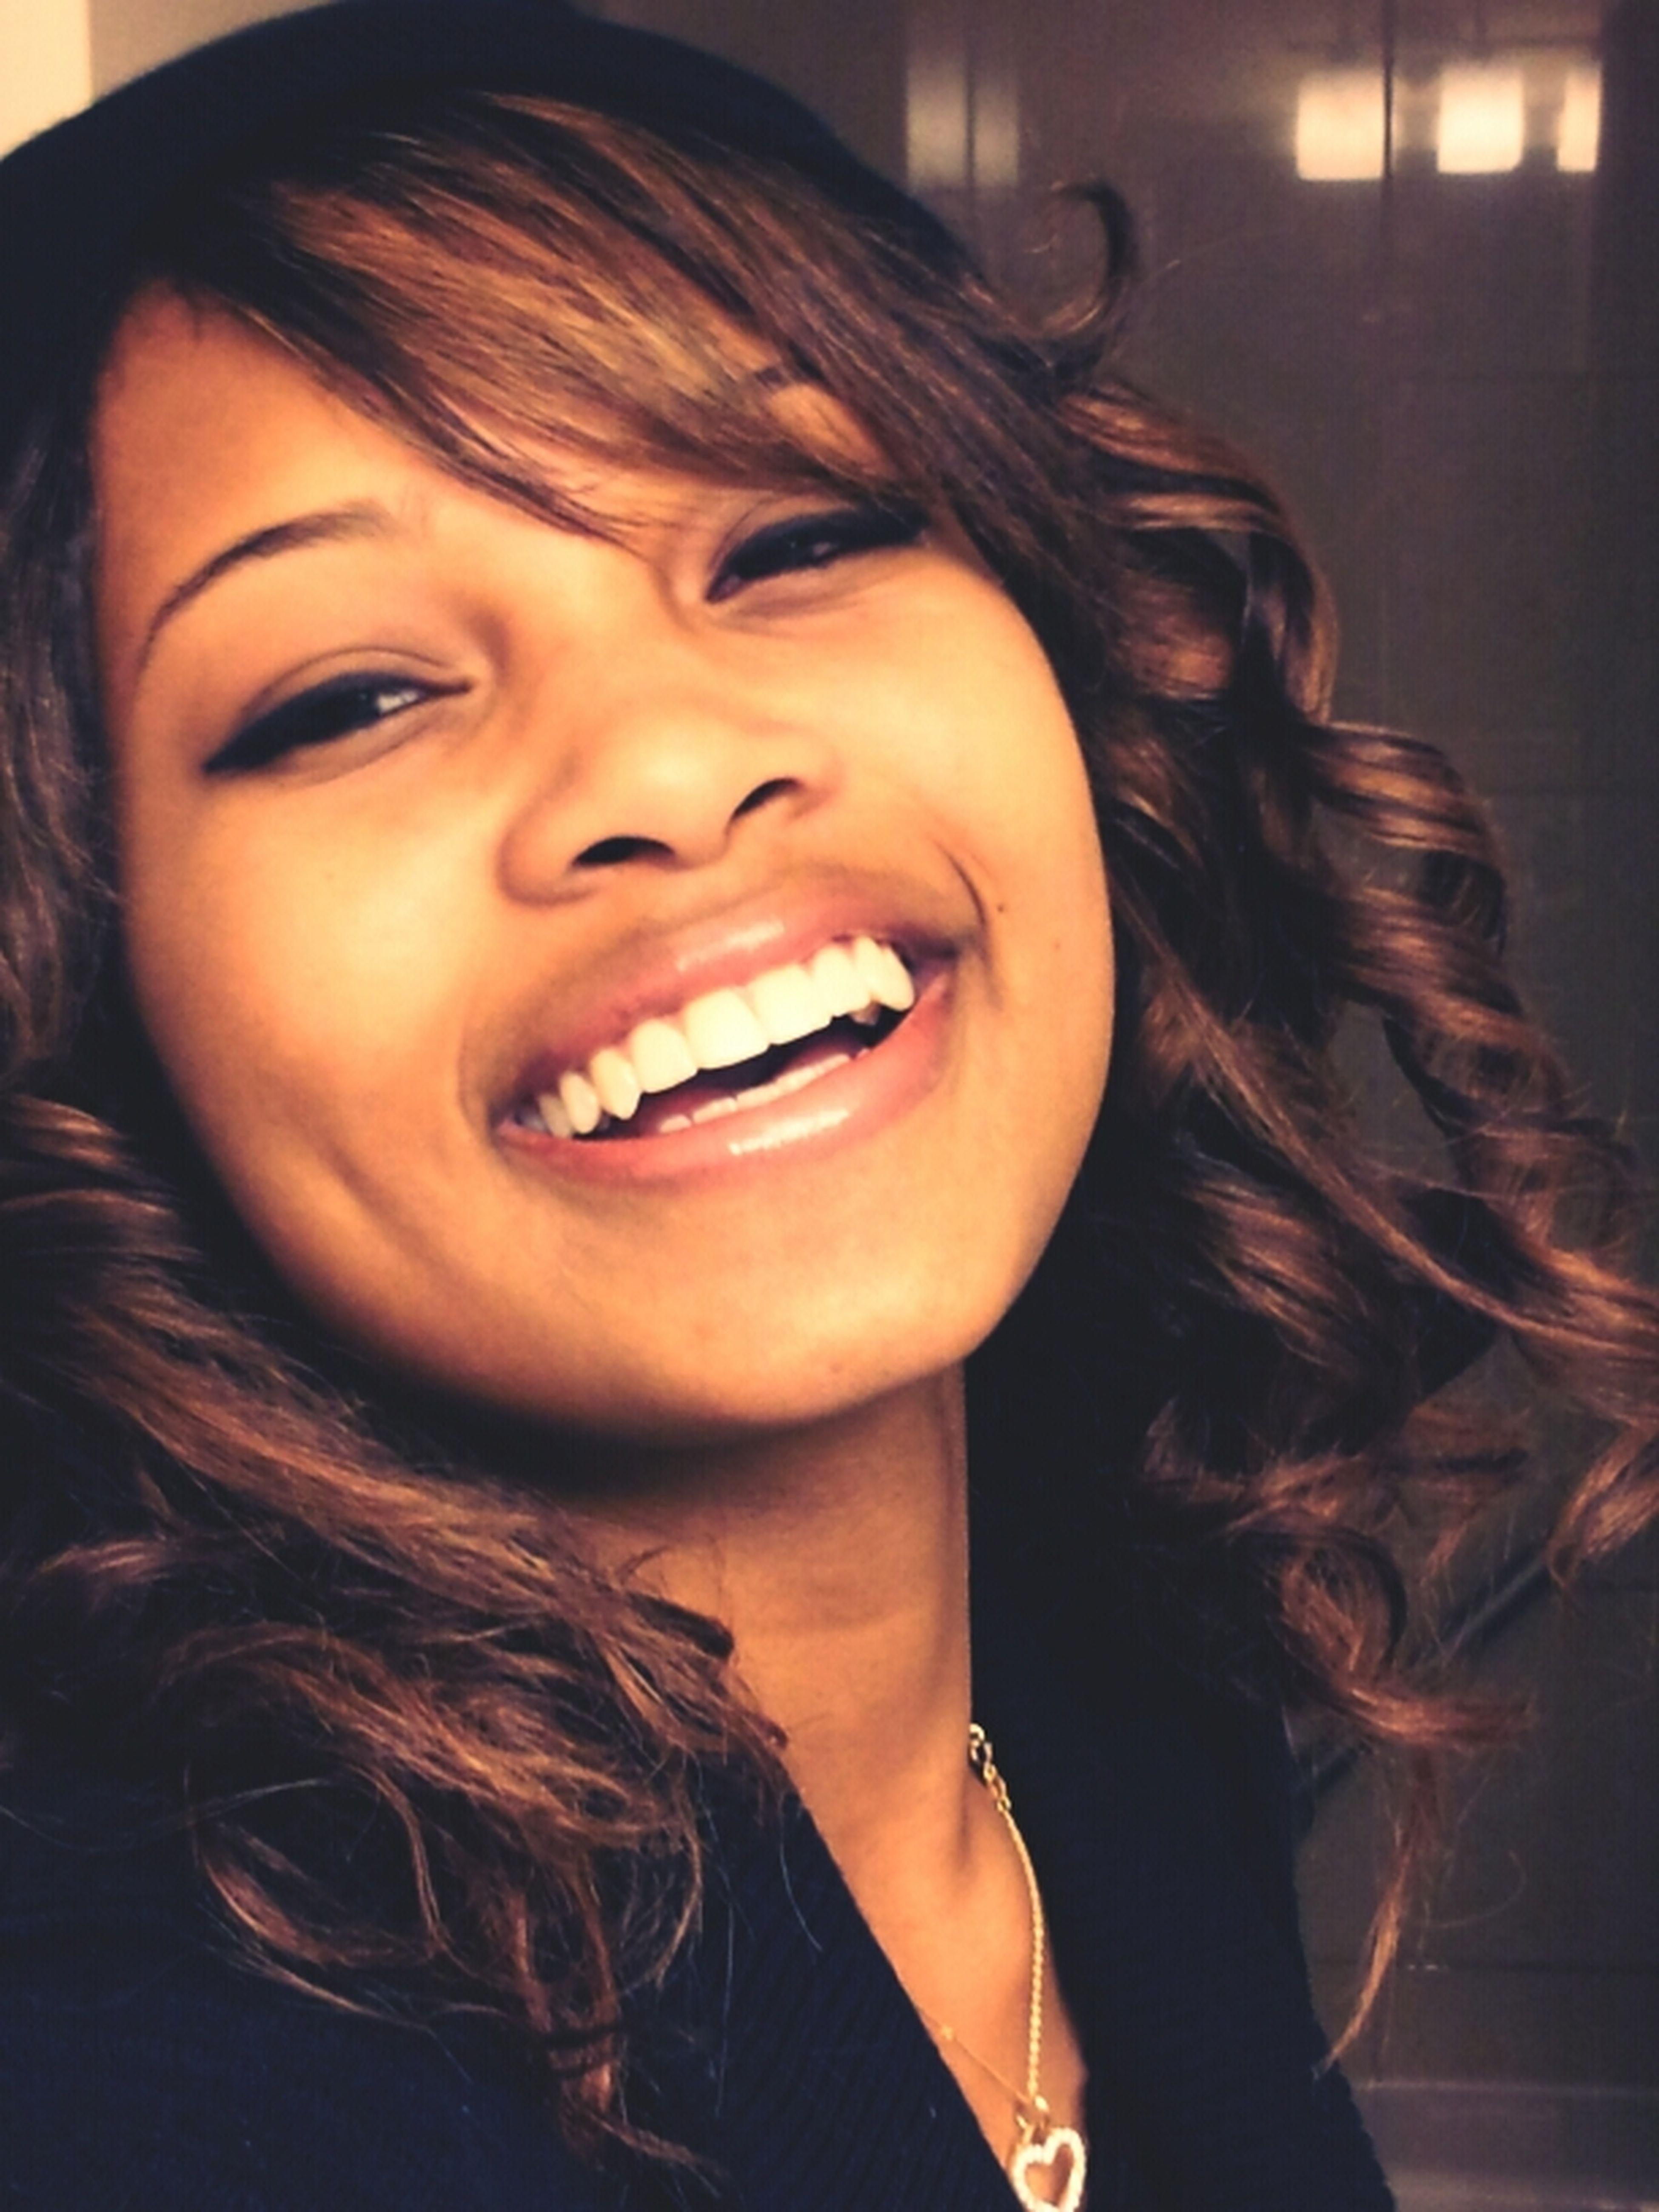 mmm, smile.